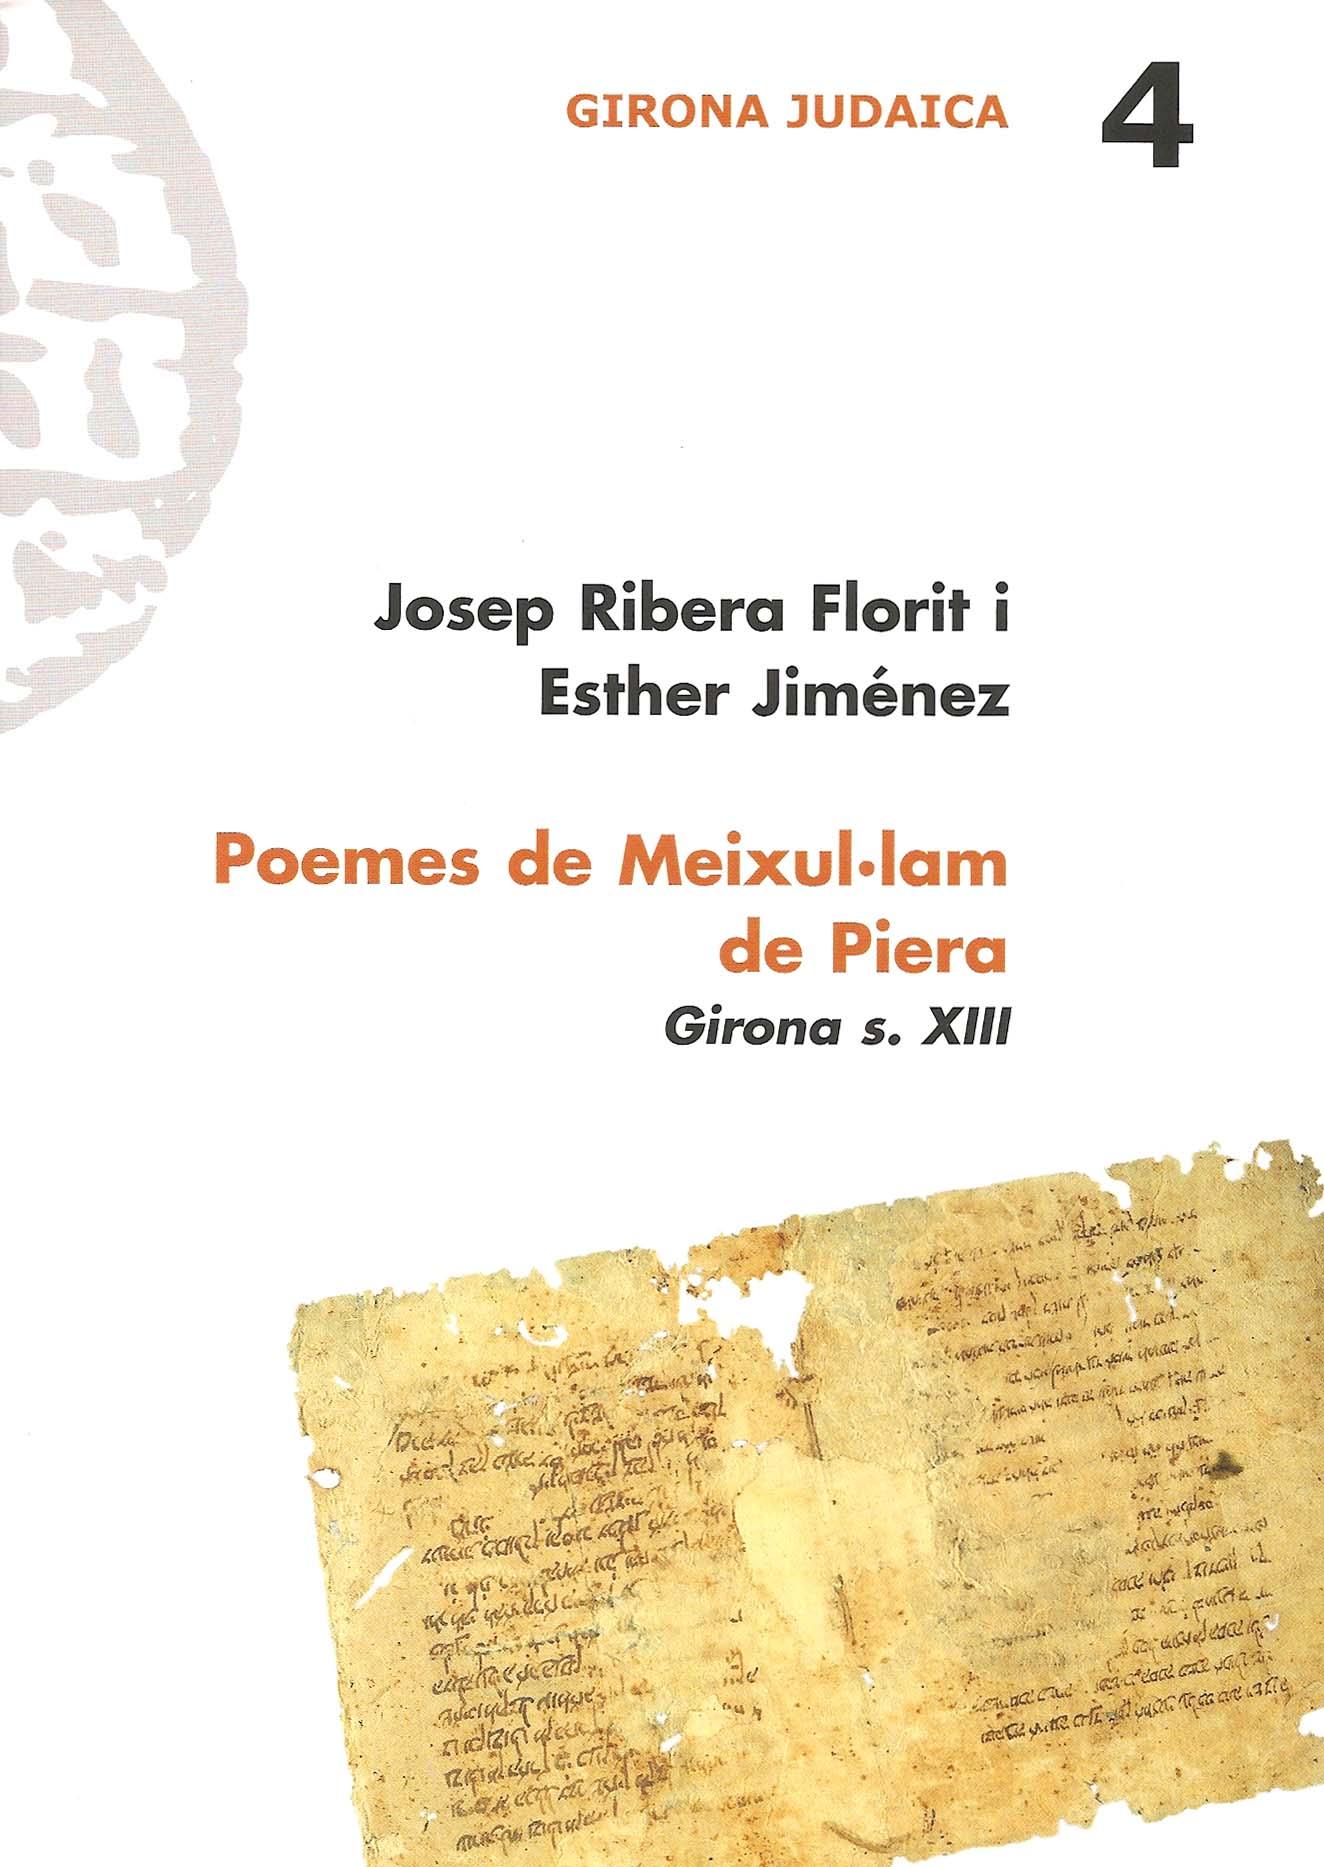 Poemes de Meixul-lam de Piera